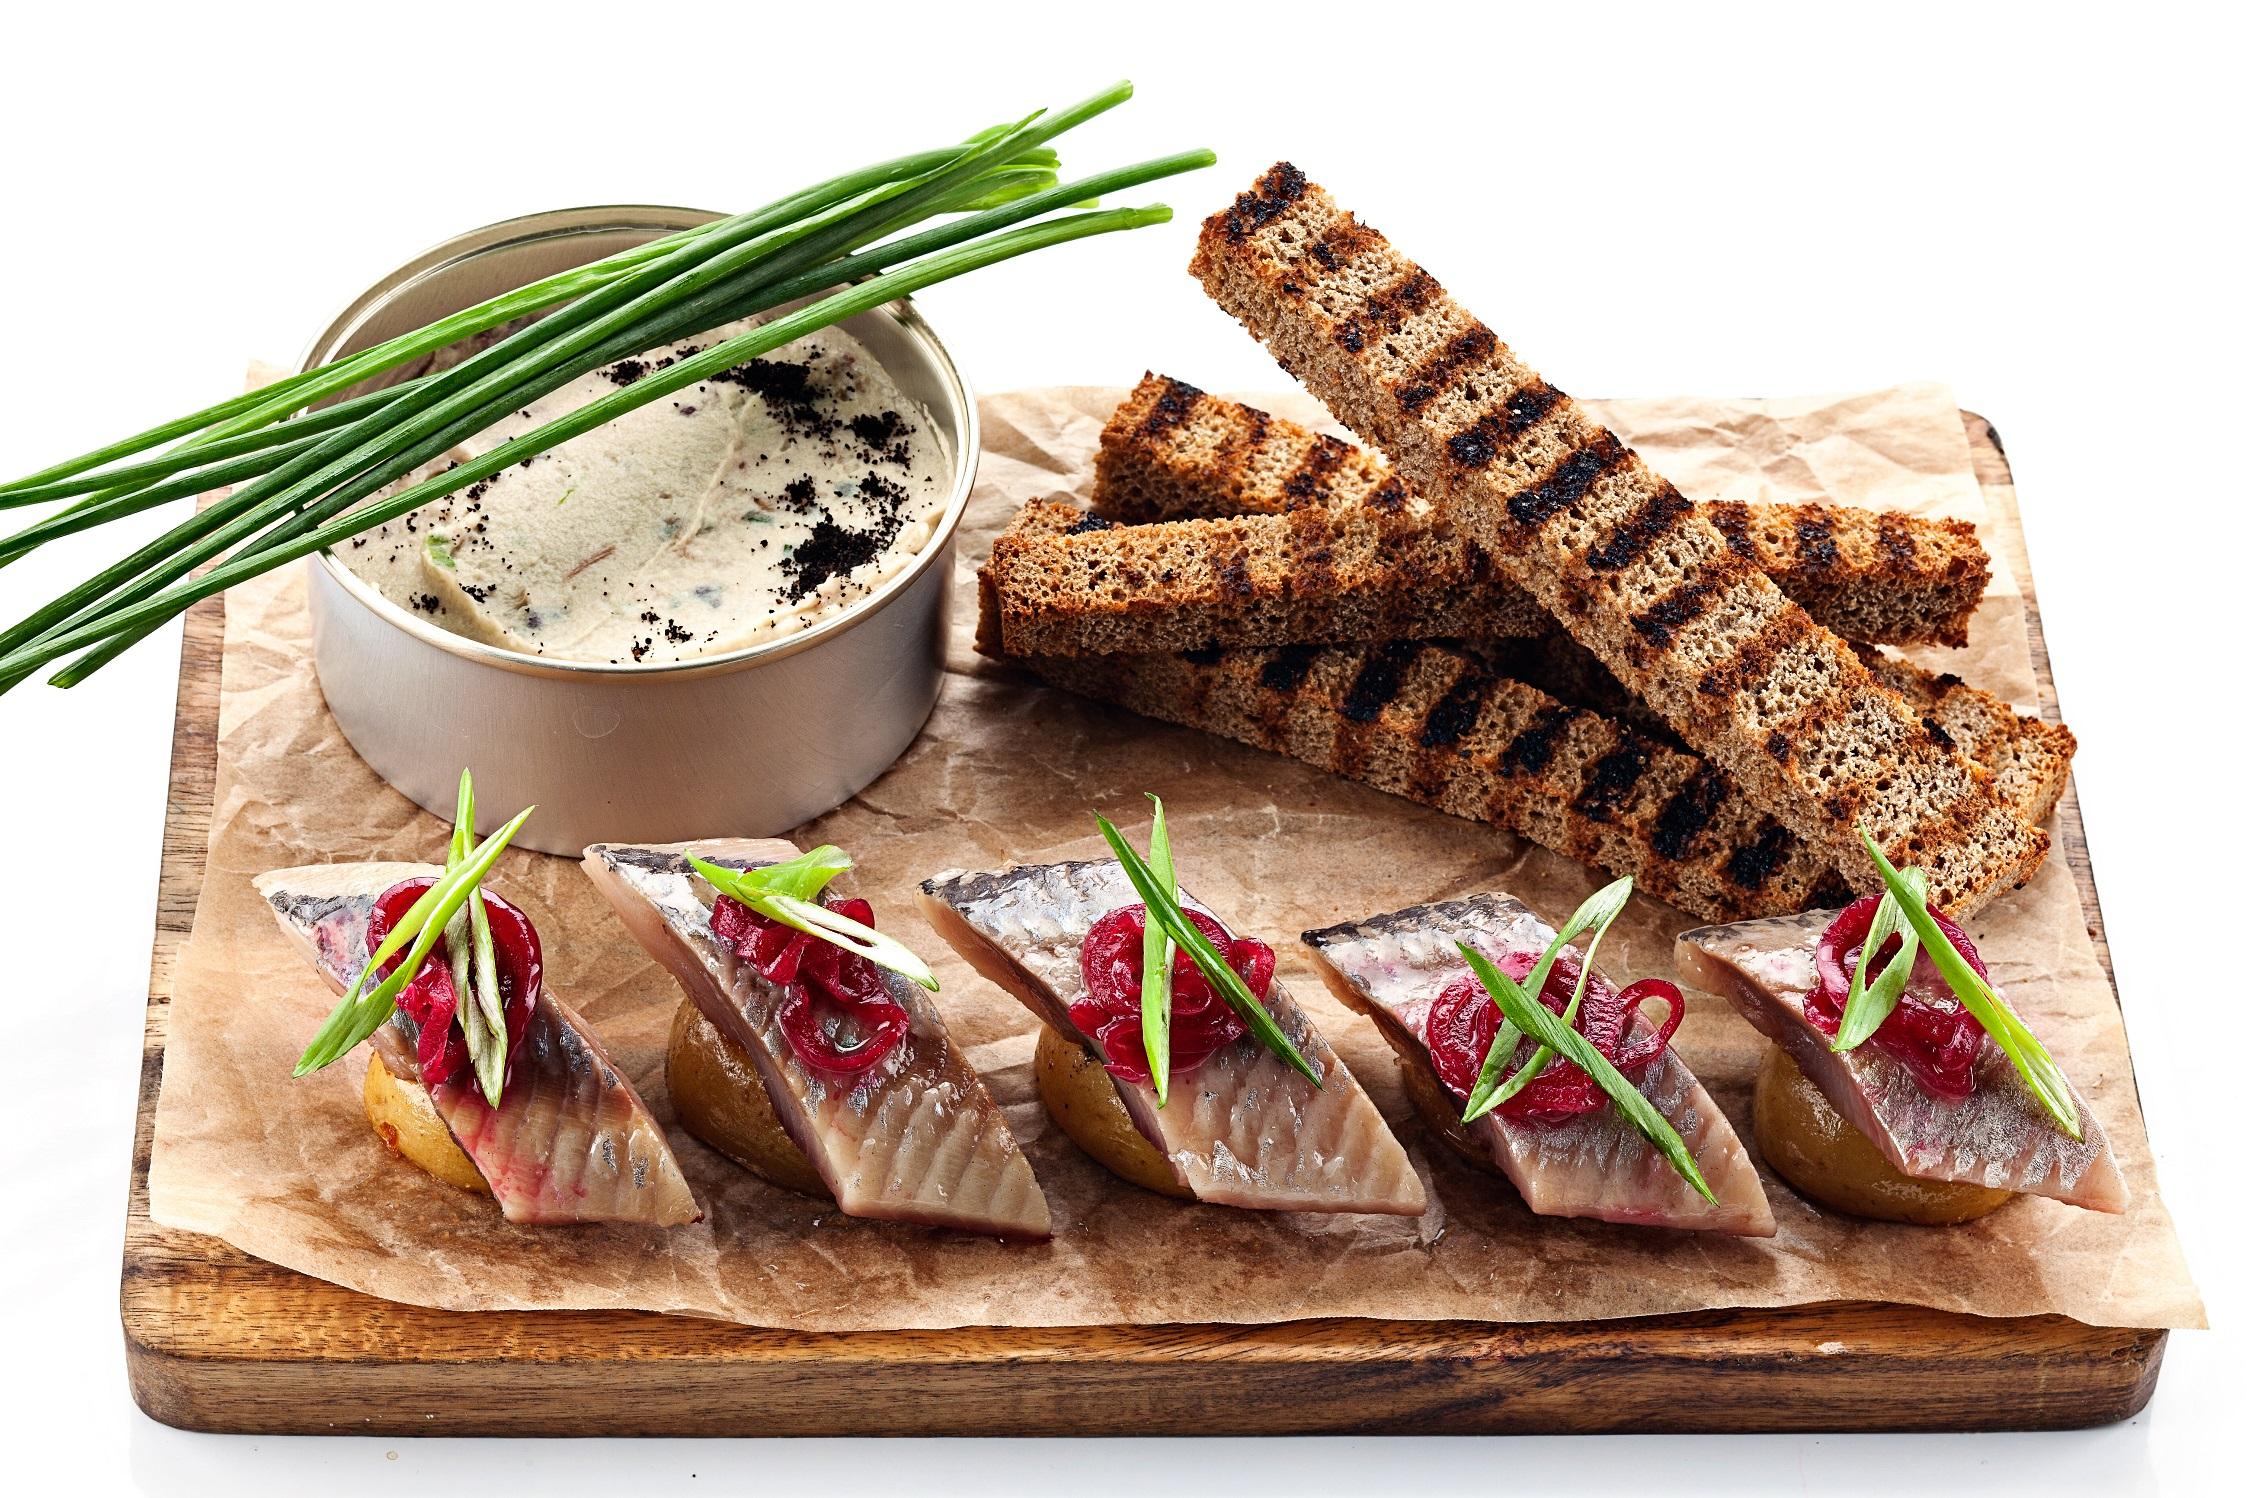 Ресторан Мумий Тролль Music Bar - Сельдь на картошке с дымком и маринованным луком